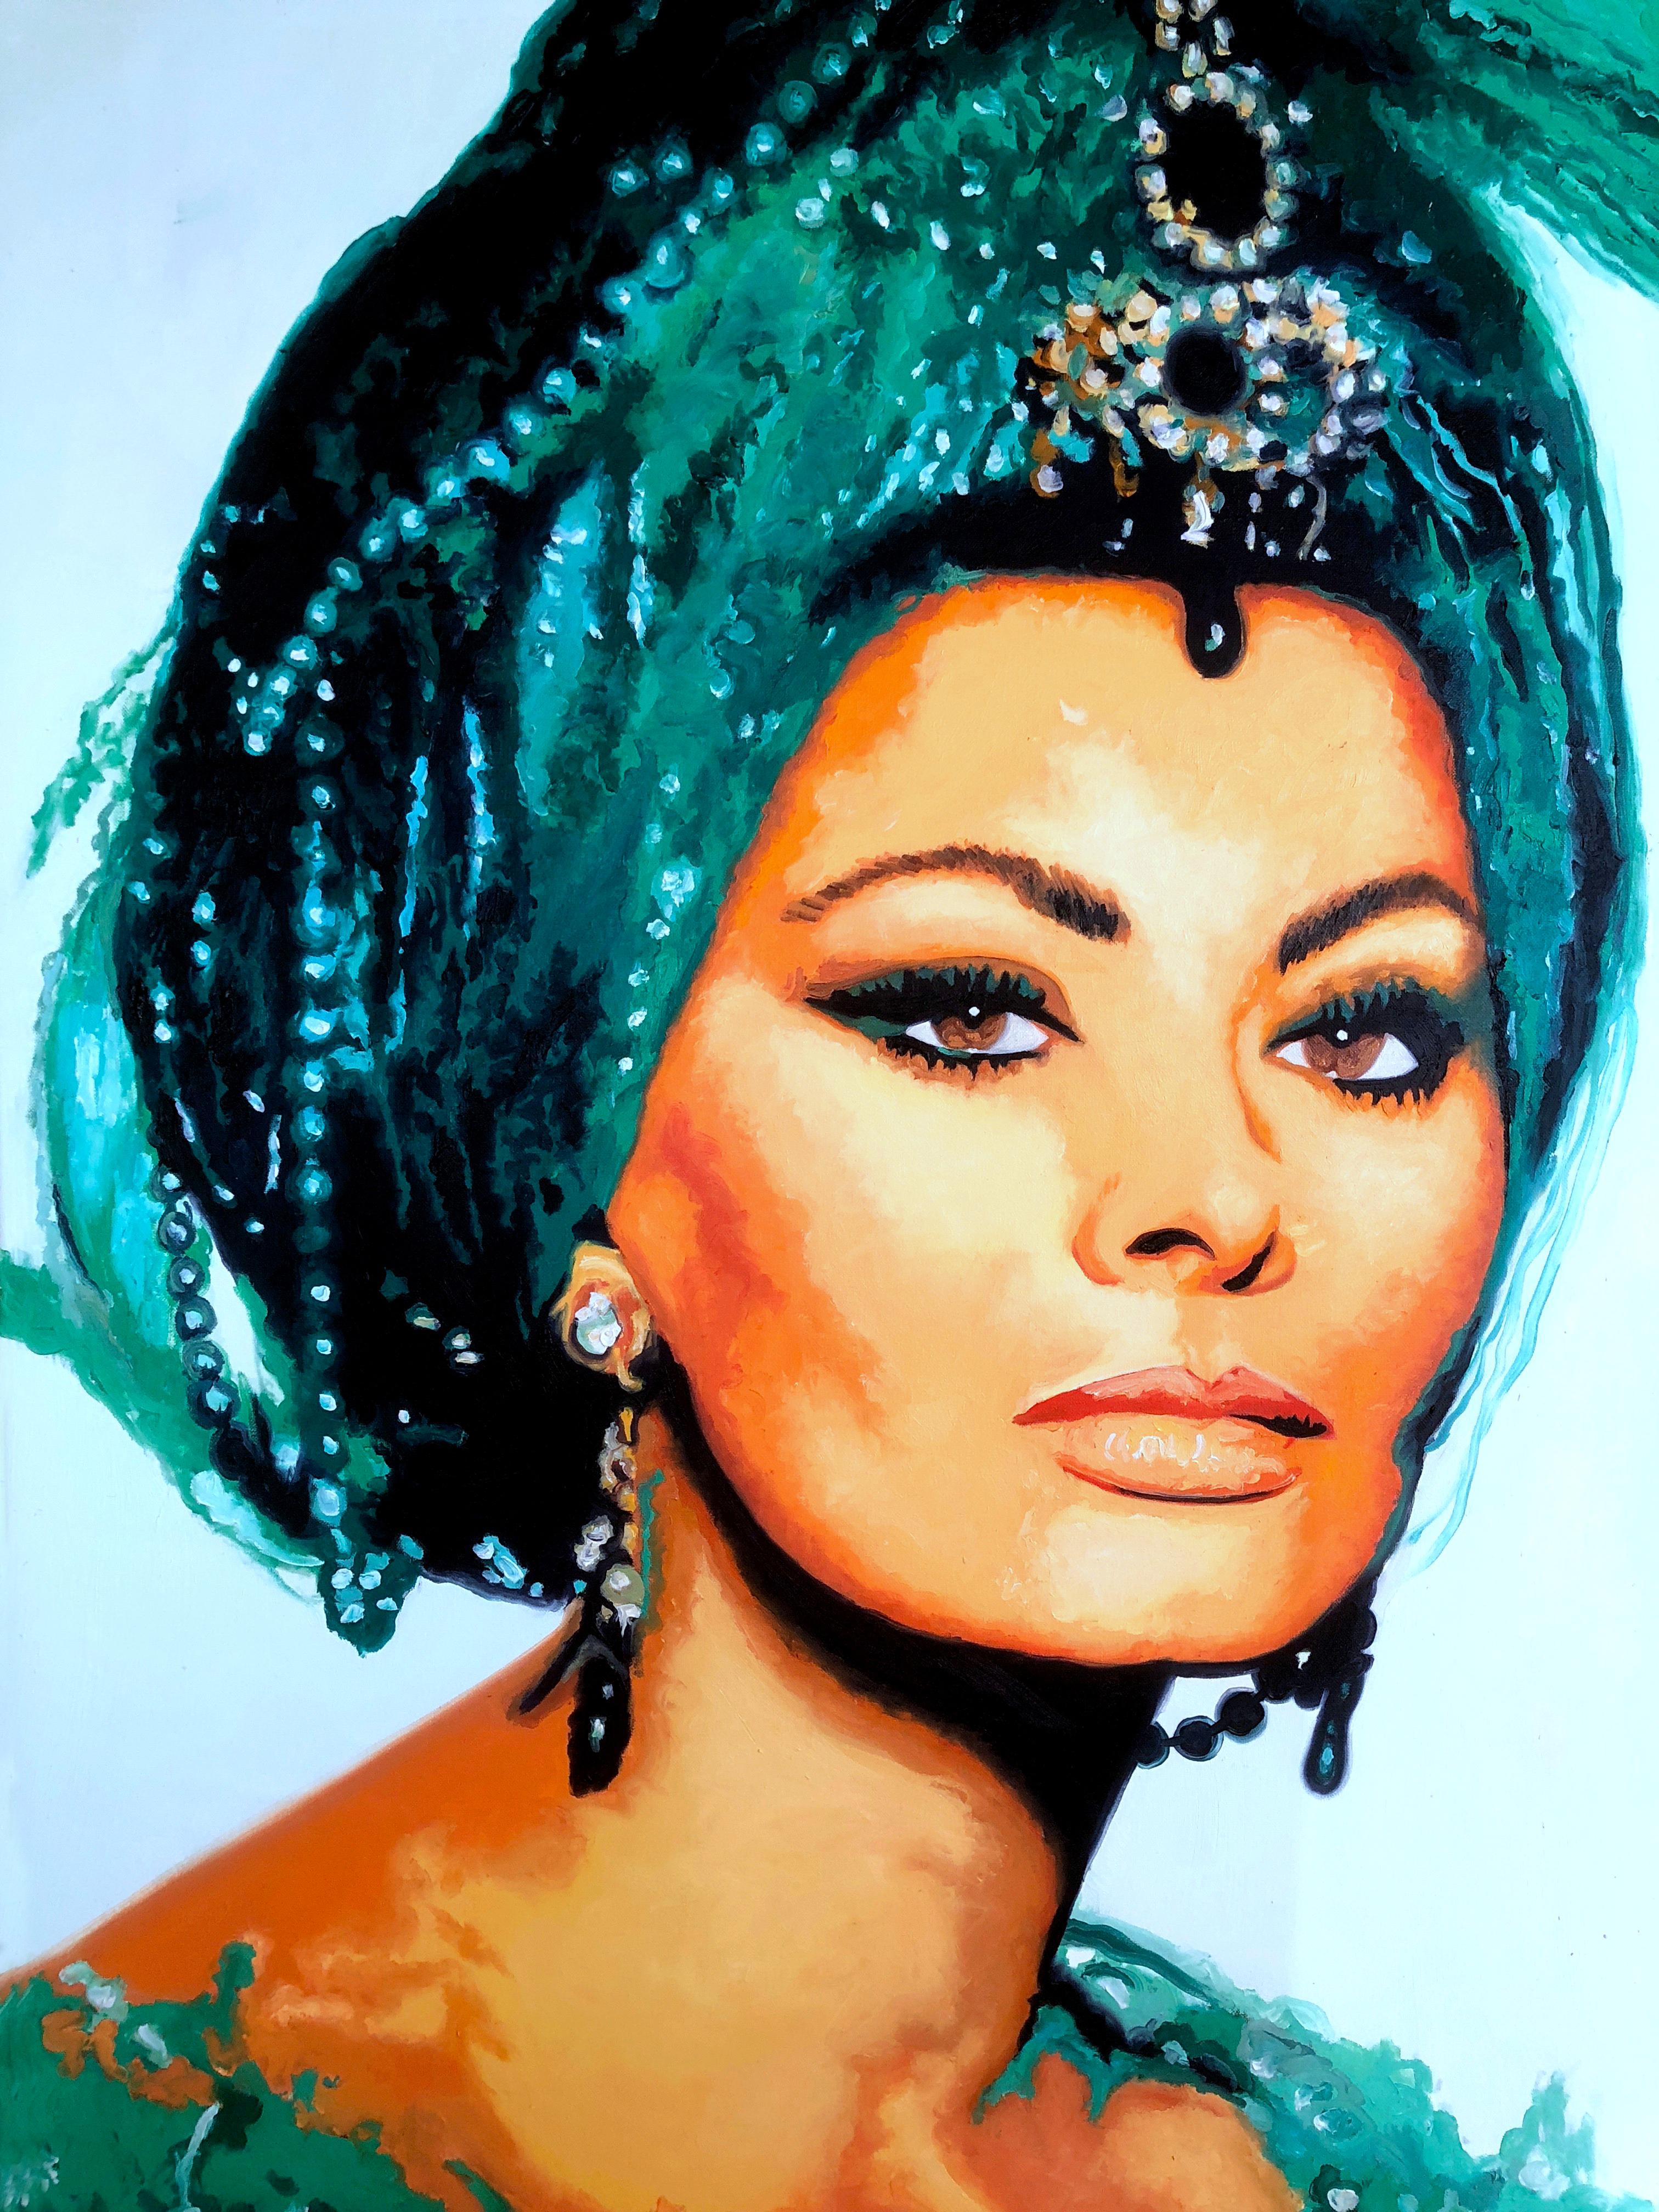 Sophia_Loren_Öl_auf_Leinen_80_x_100_cm